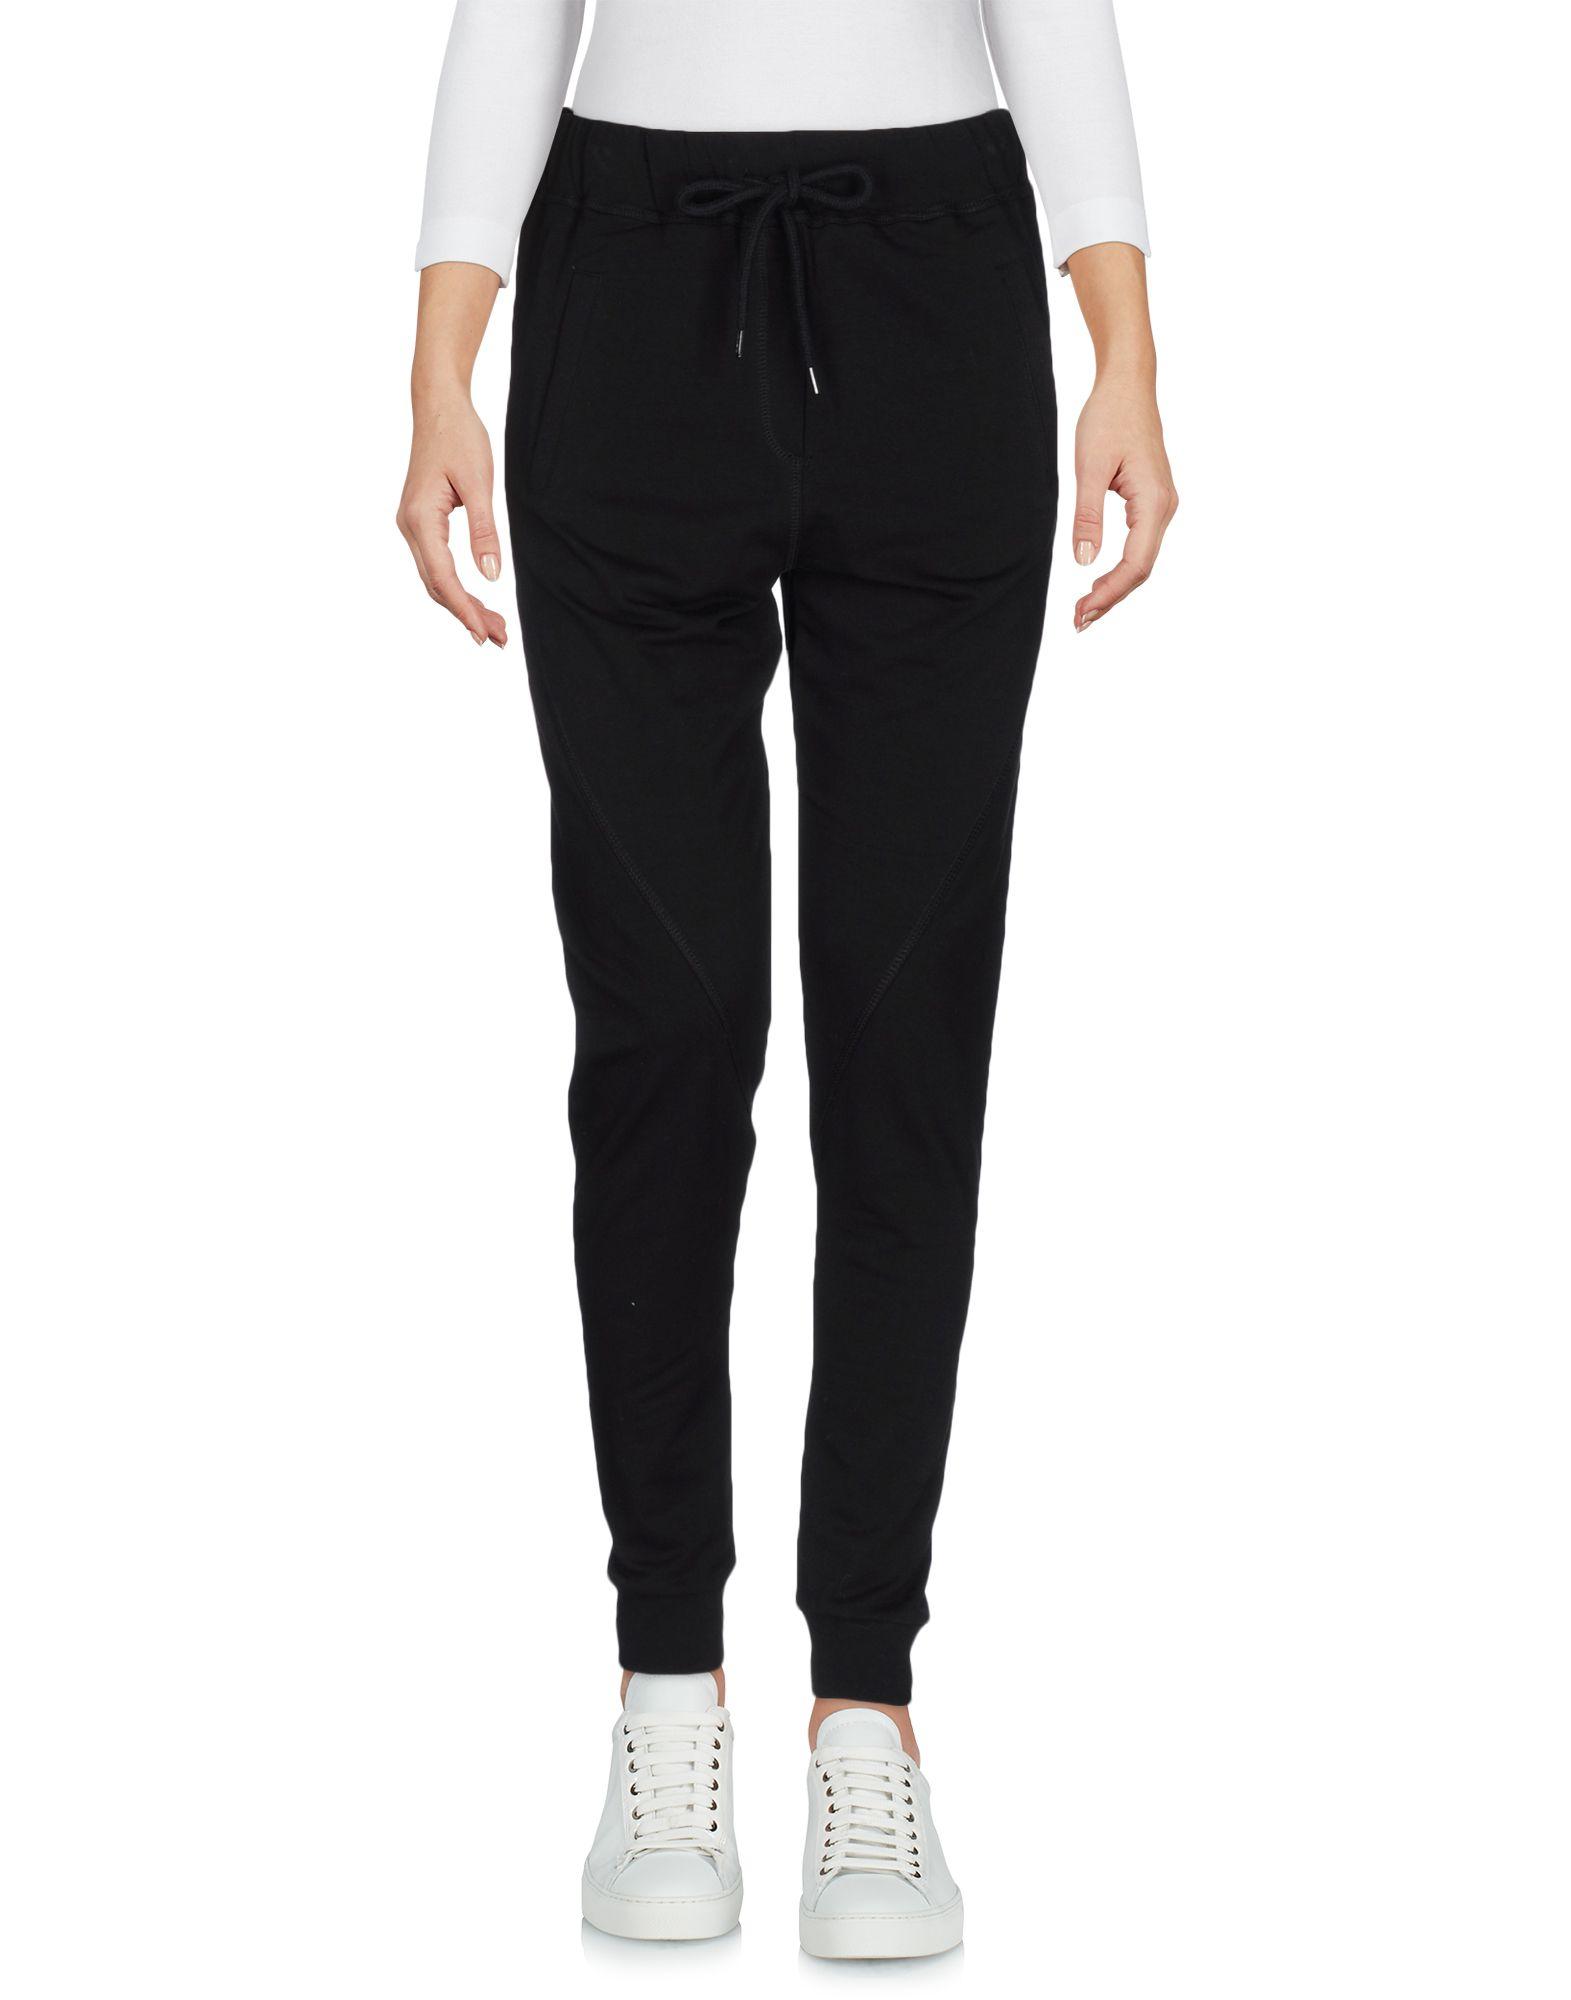 2ND ONE Damen Hose Farbe Schwarz Größe 4